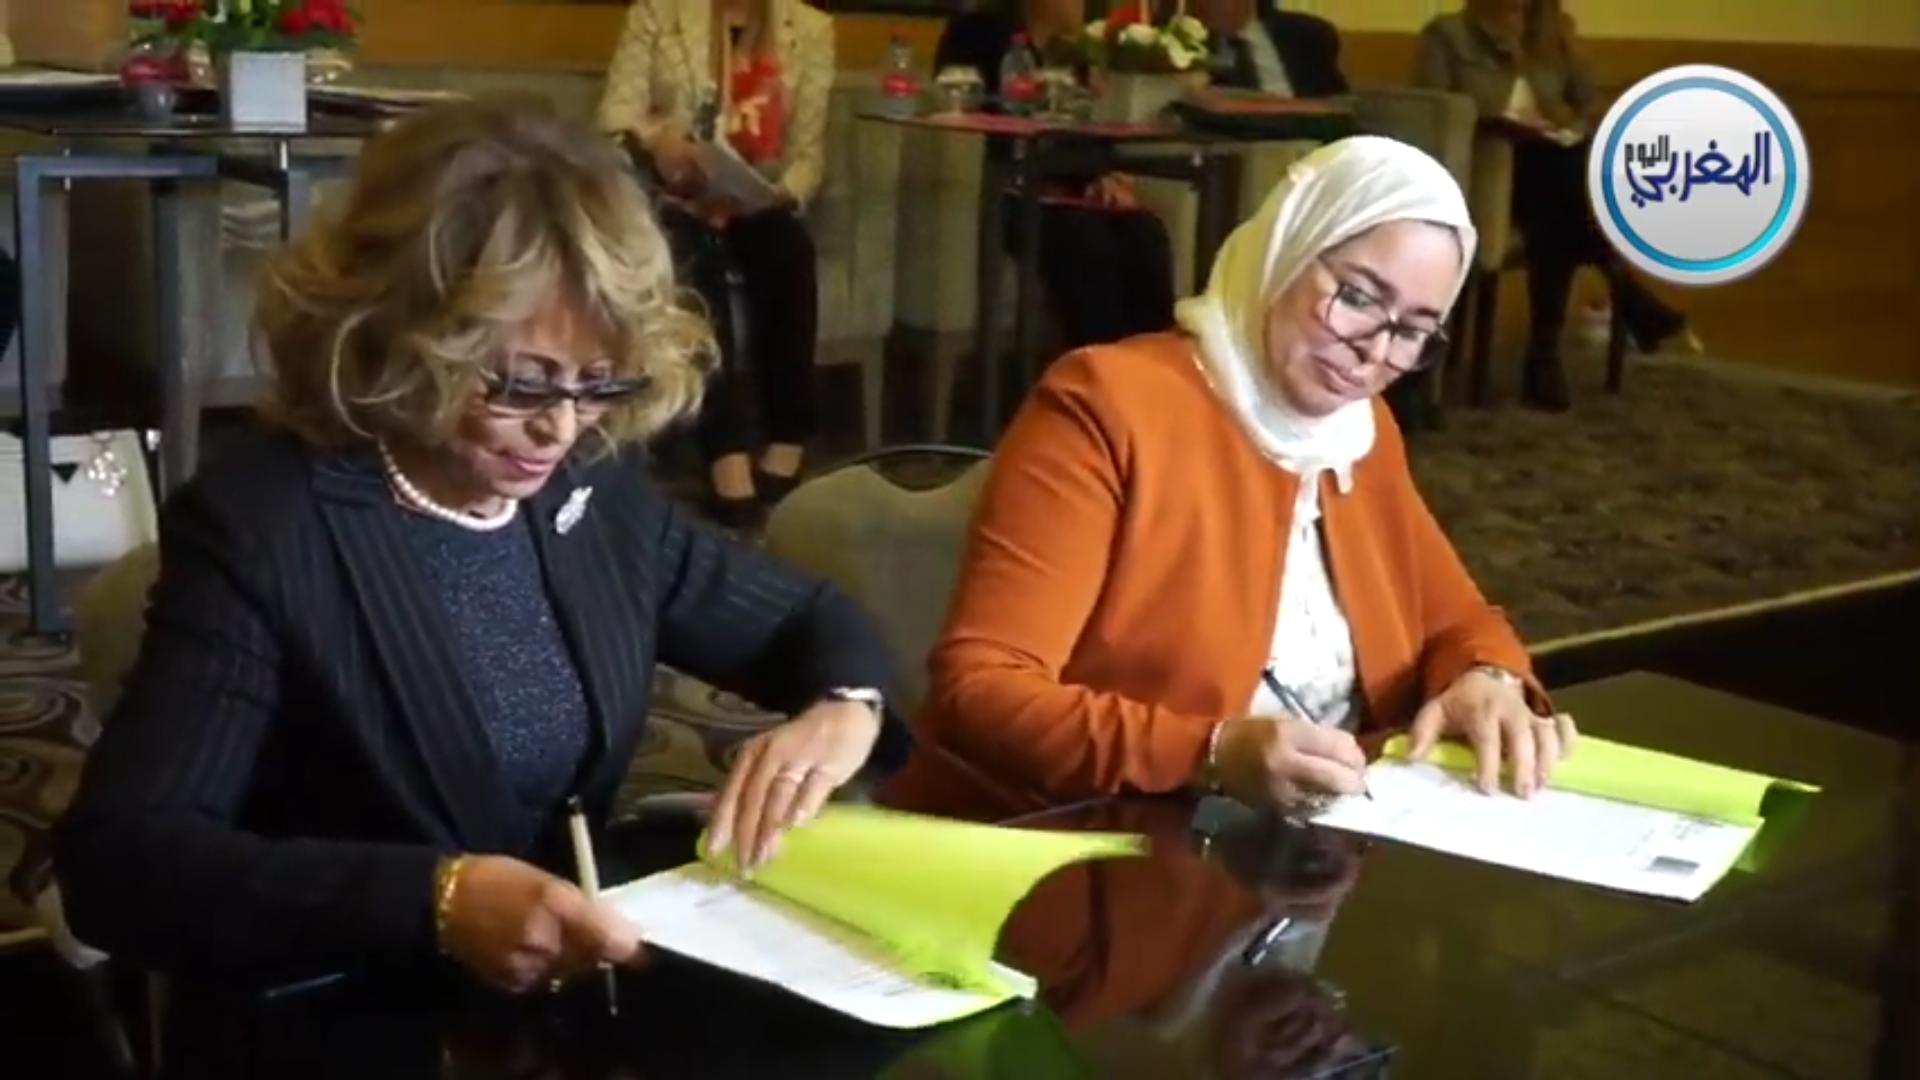 بالفيديو… الجمعية المغربية للنساء القاضيات تجلب مكتسبات لنساء المهنة في عيدهن الأممي